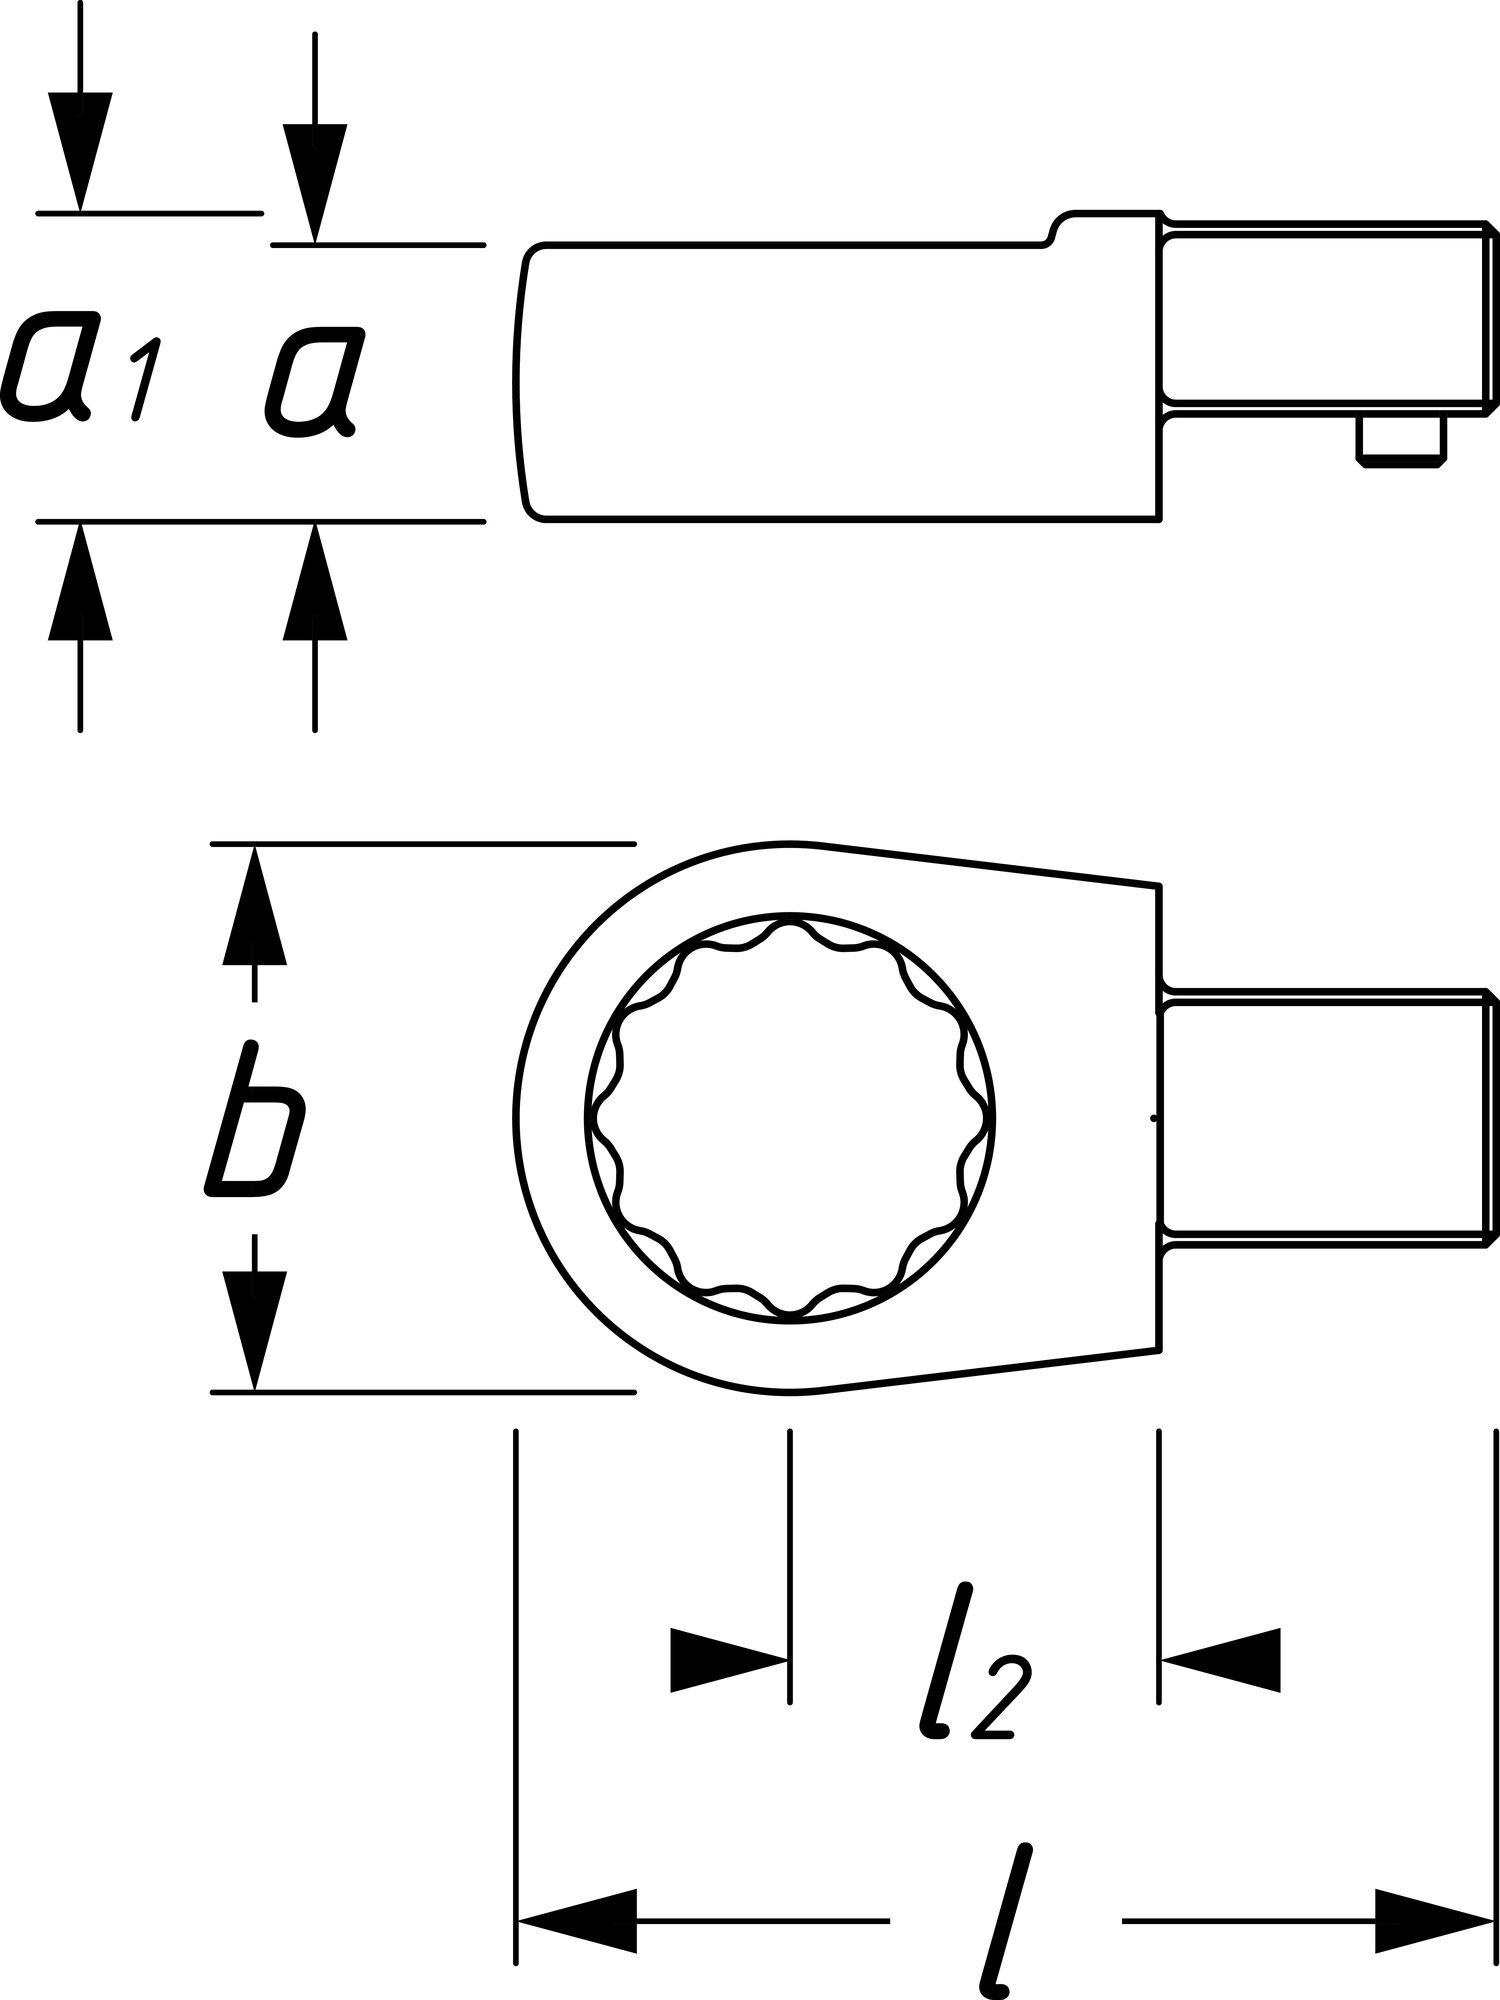 HAZET Einsteck-Ringschlüssel 6630C-21 ∙ Einsteck-Vierkant 9 x 12 mm ∙ Außen-Doppel-Sechskant-Tractionsprofil ∙ 21 mm